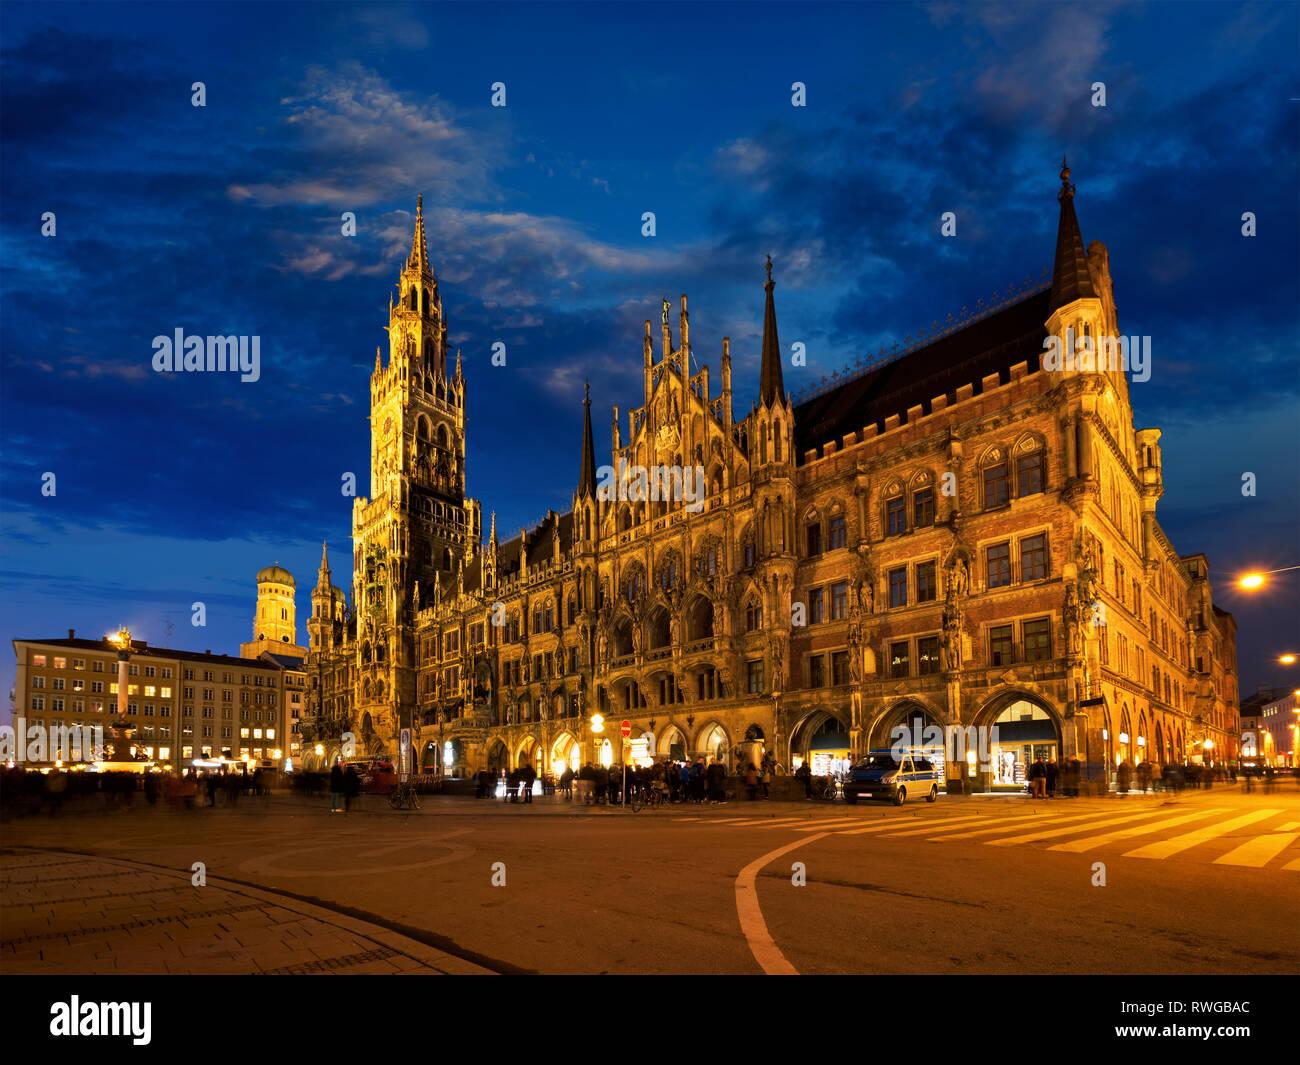 Marienplatz Bei Nacht Mit Neues Rathaus Neues Rathaus Munchen Deutschland Stockfotografie Alamy